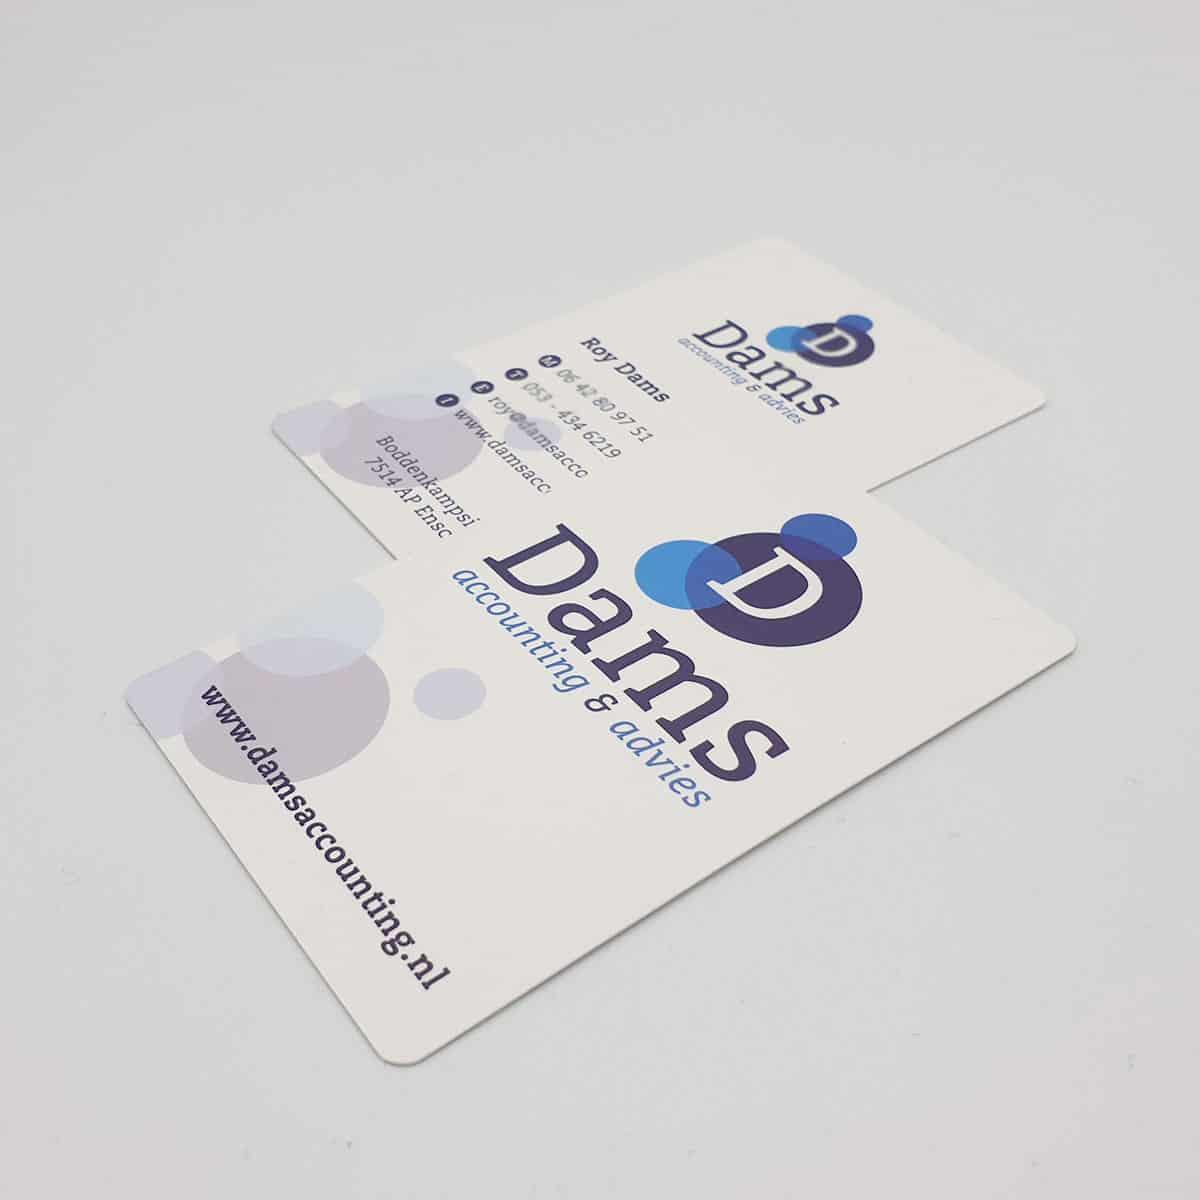 Huisstijl-visitekaartjes-Dams-Accounting-burobedenkt